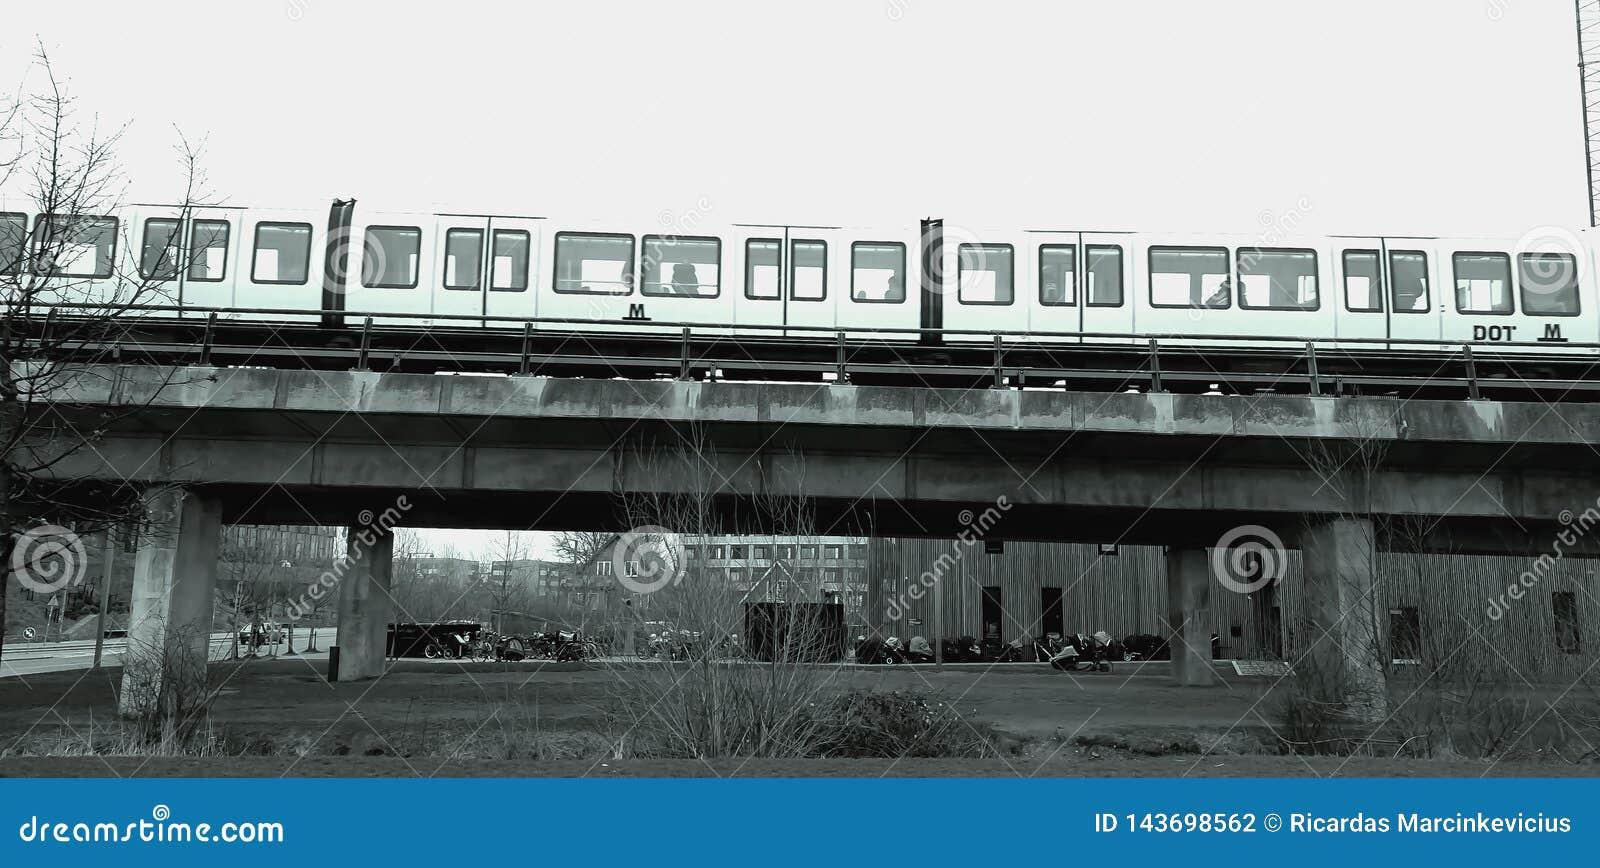 Subway above the bridge.See Concrete bridge construction.